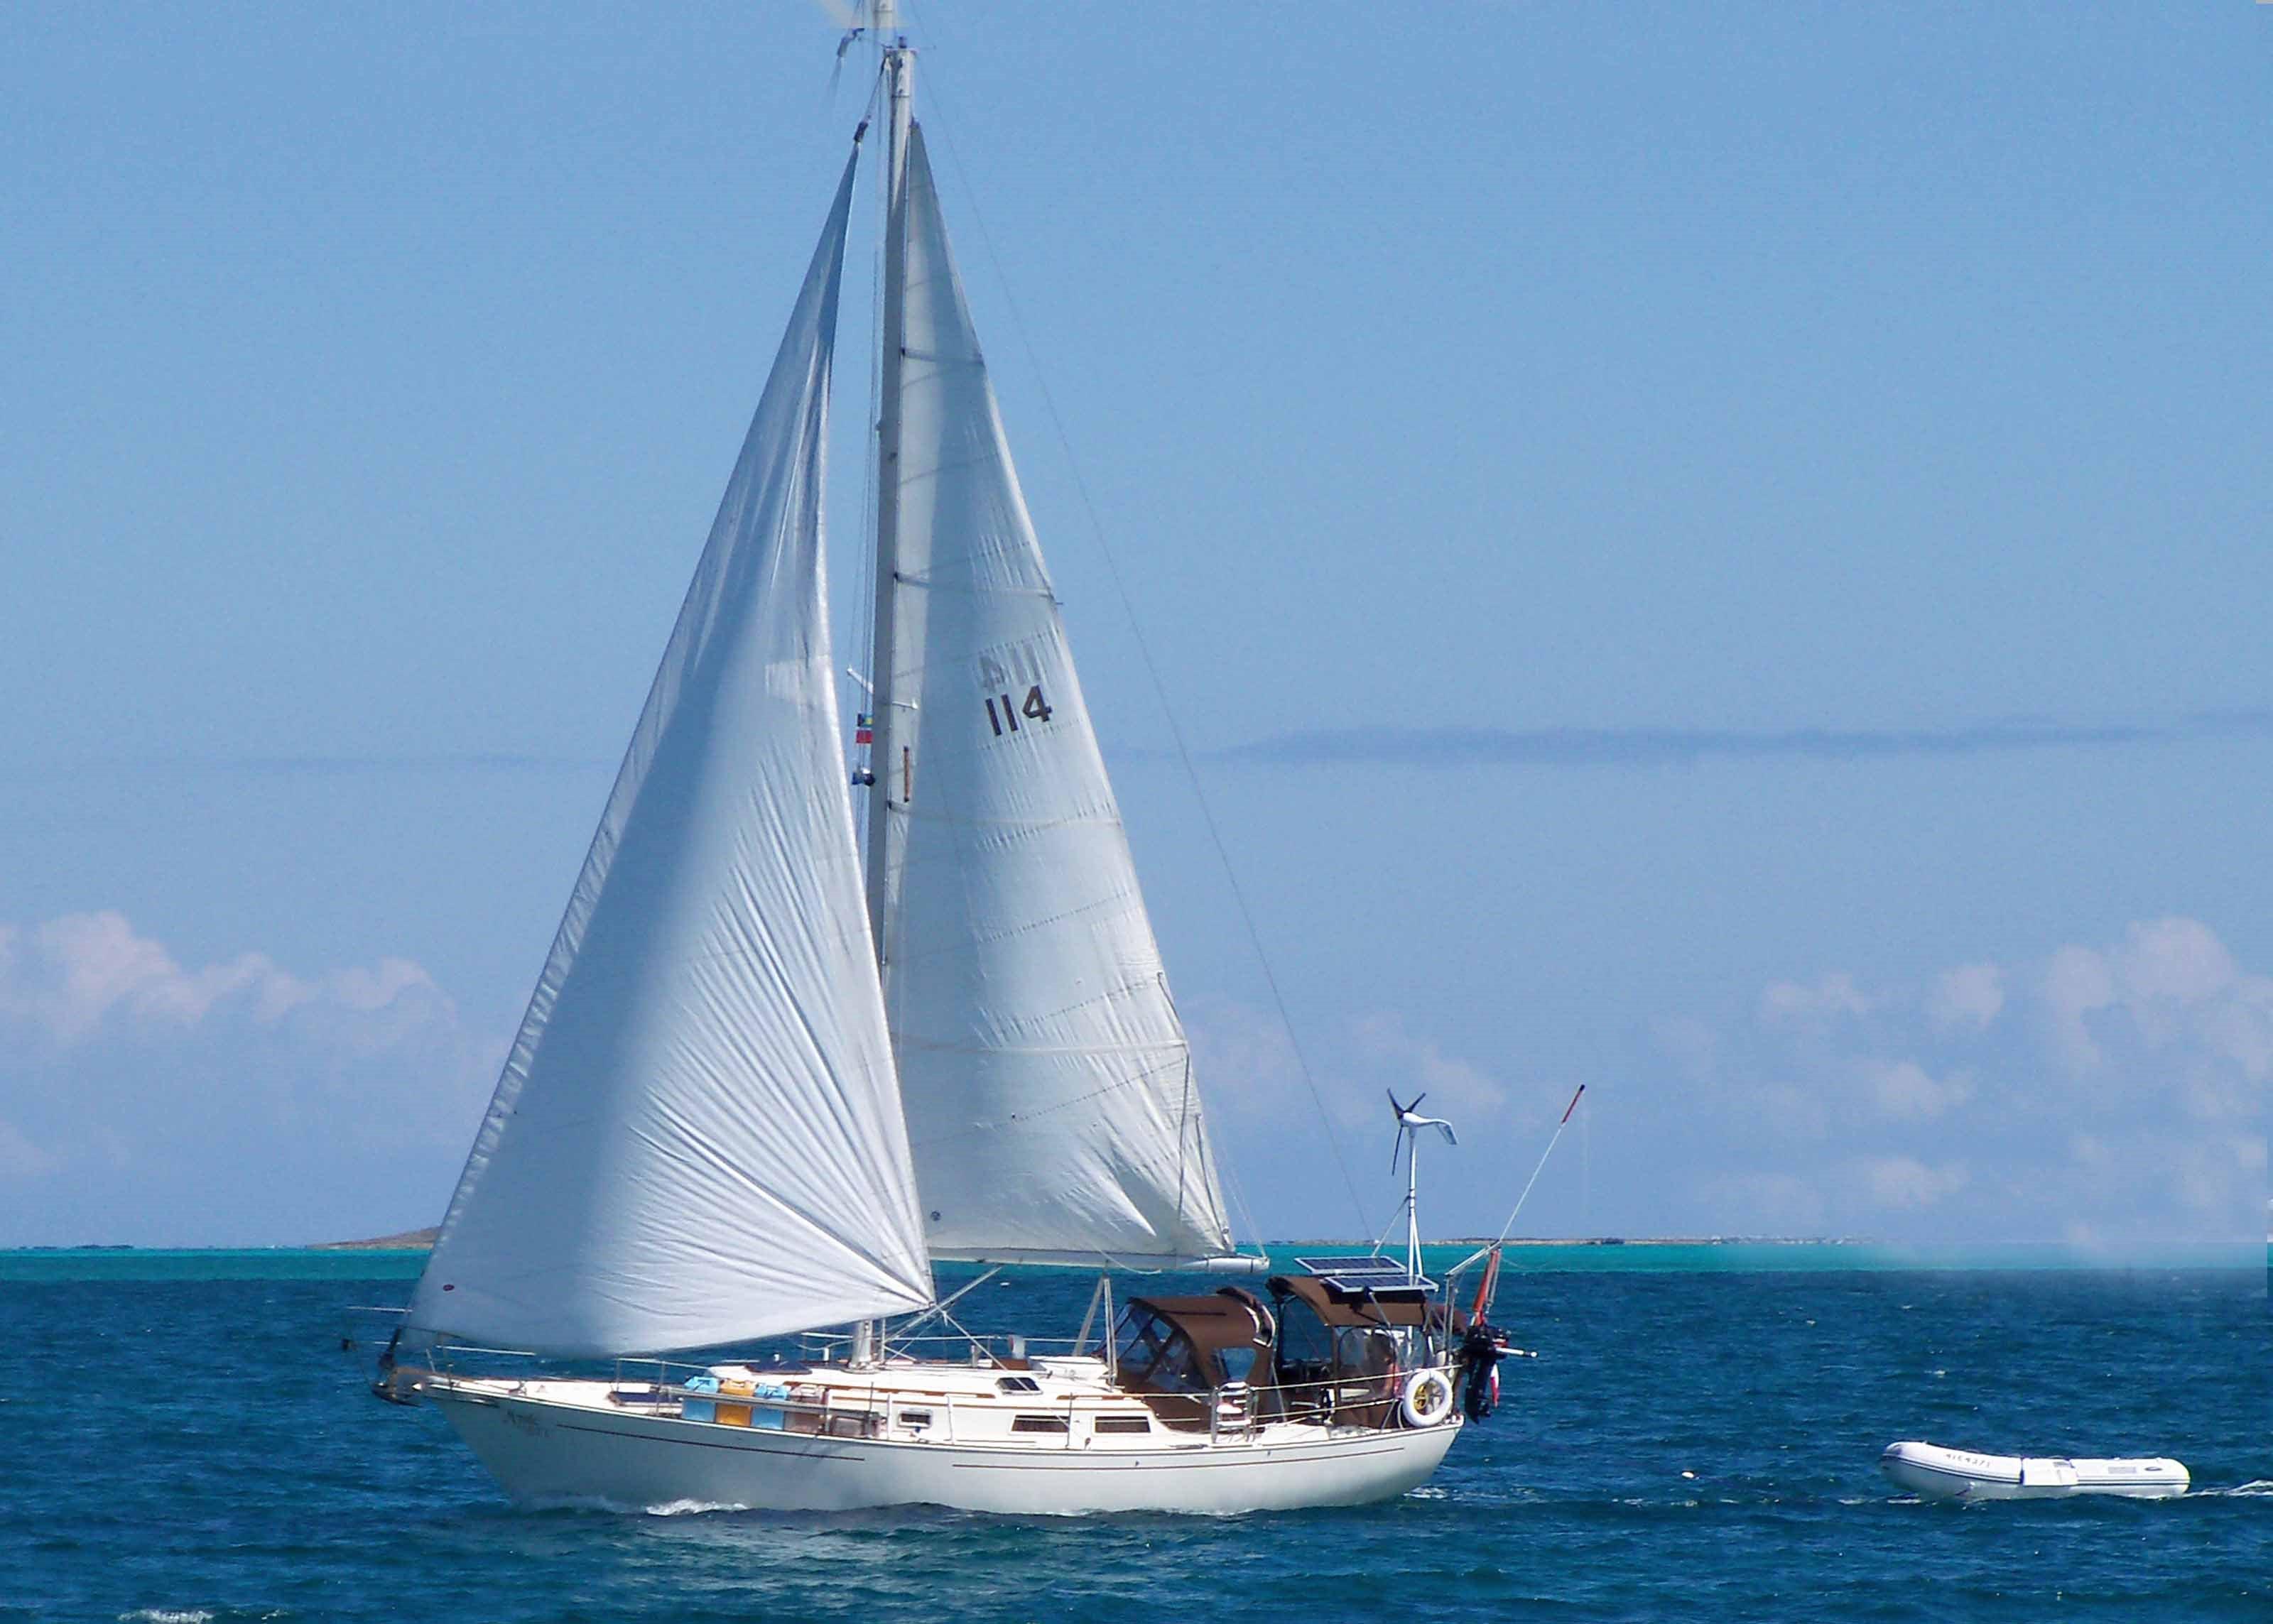 niagara boats for sale yachtworld